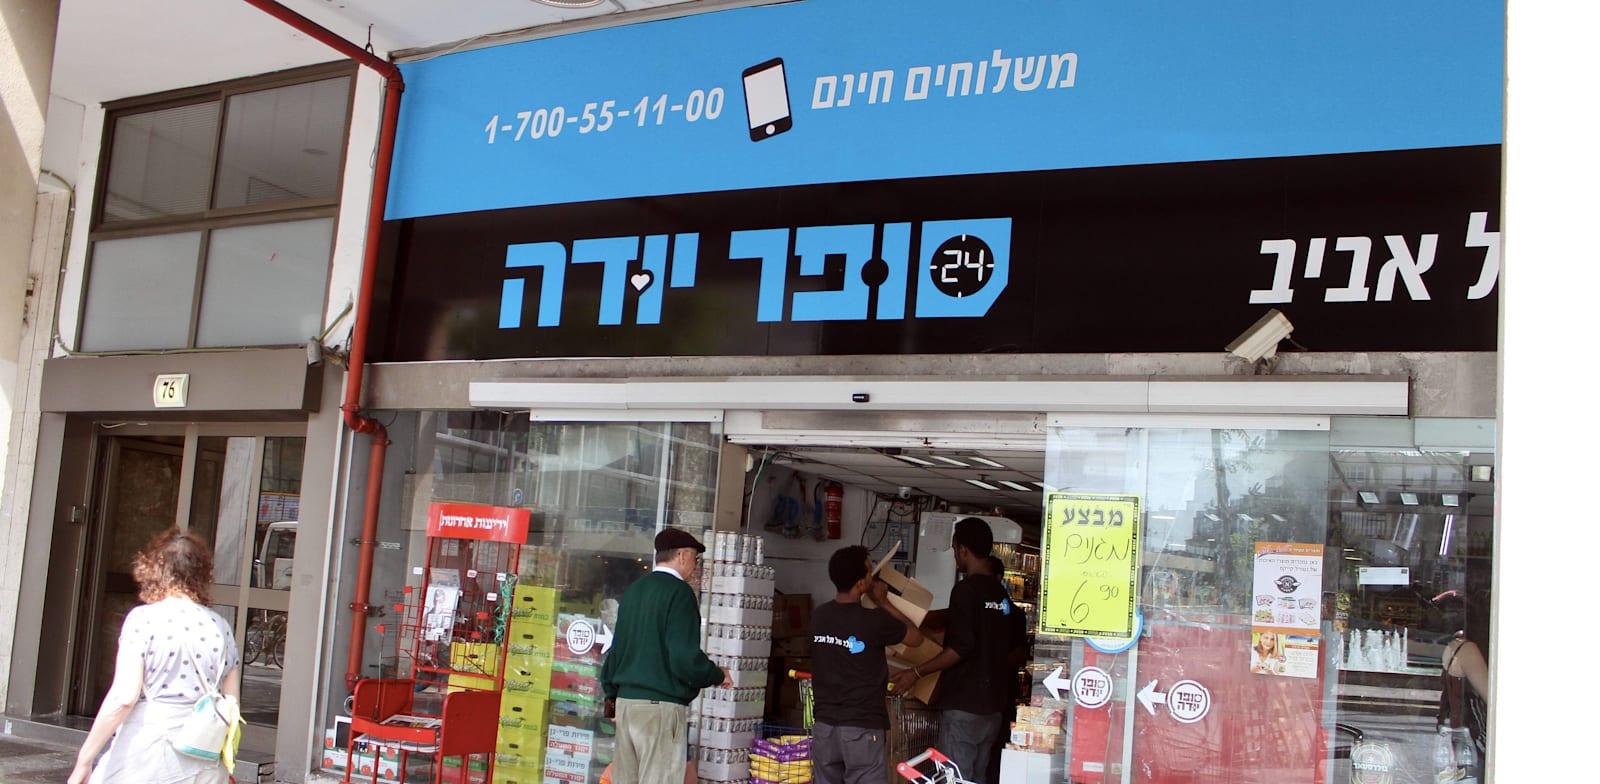 סניף של סופר יודה בתל אביב / צילום: רוני שיצר